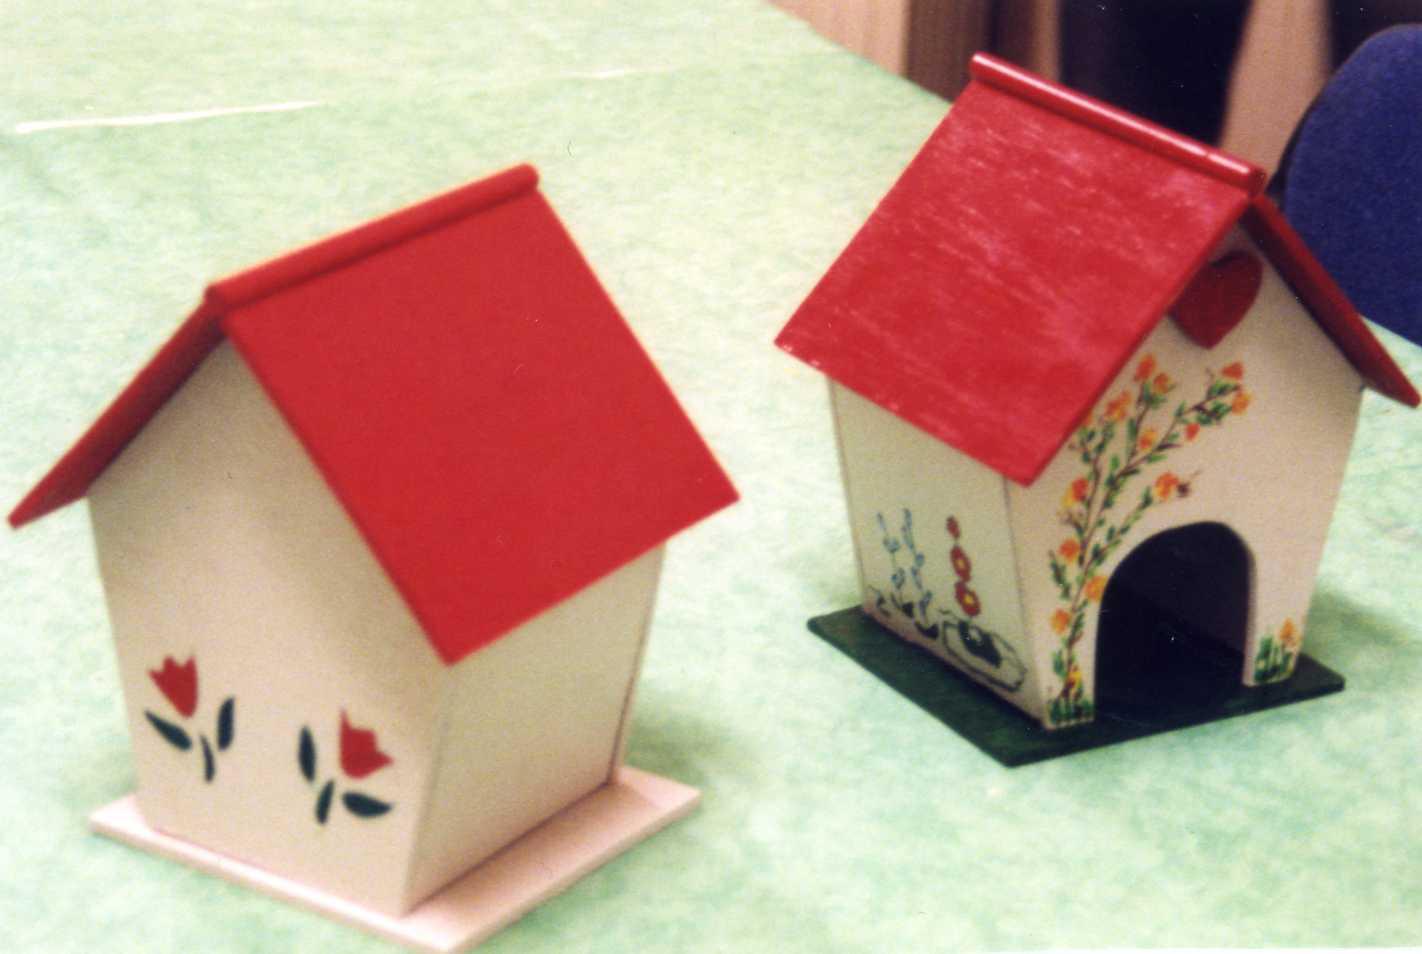 Fabriquer Une Cabane En Bois Pour Oiseaux : Nous avions d?cid? de faire des petites maisons pour oiseaux.